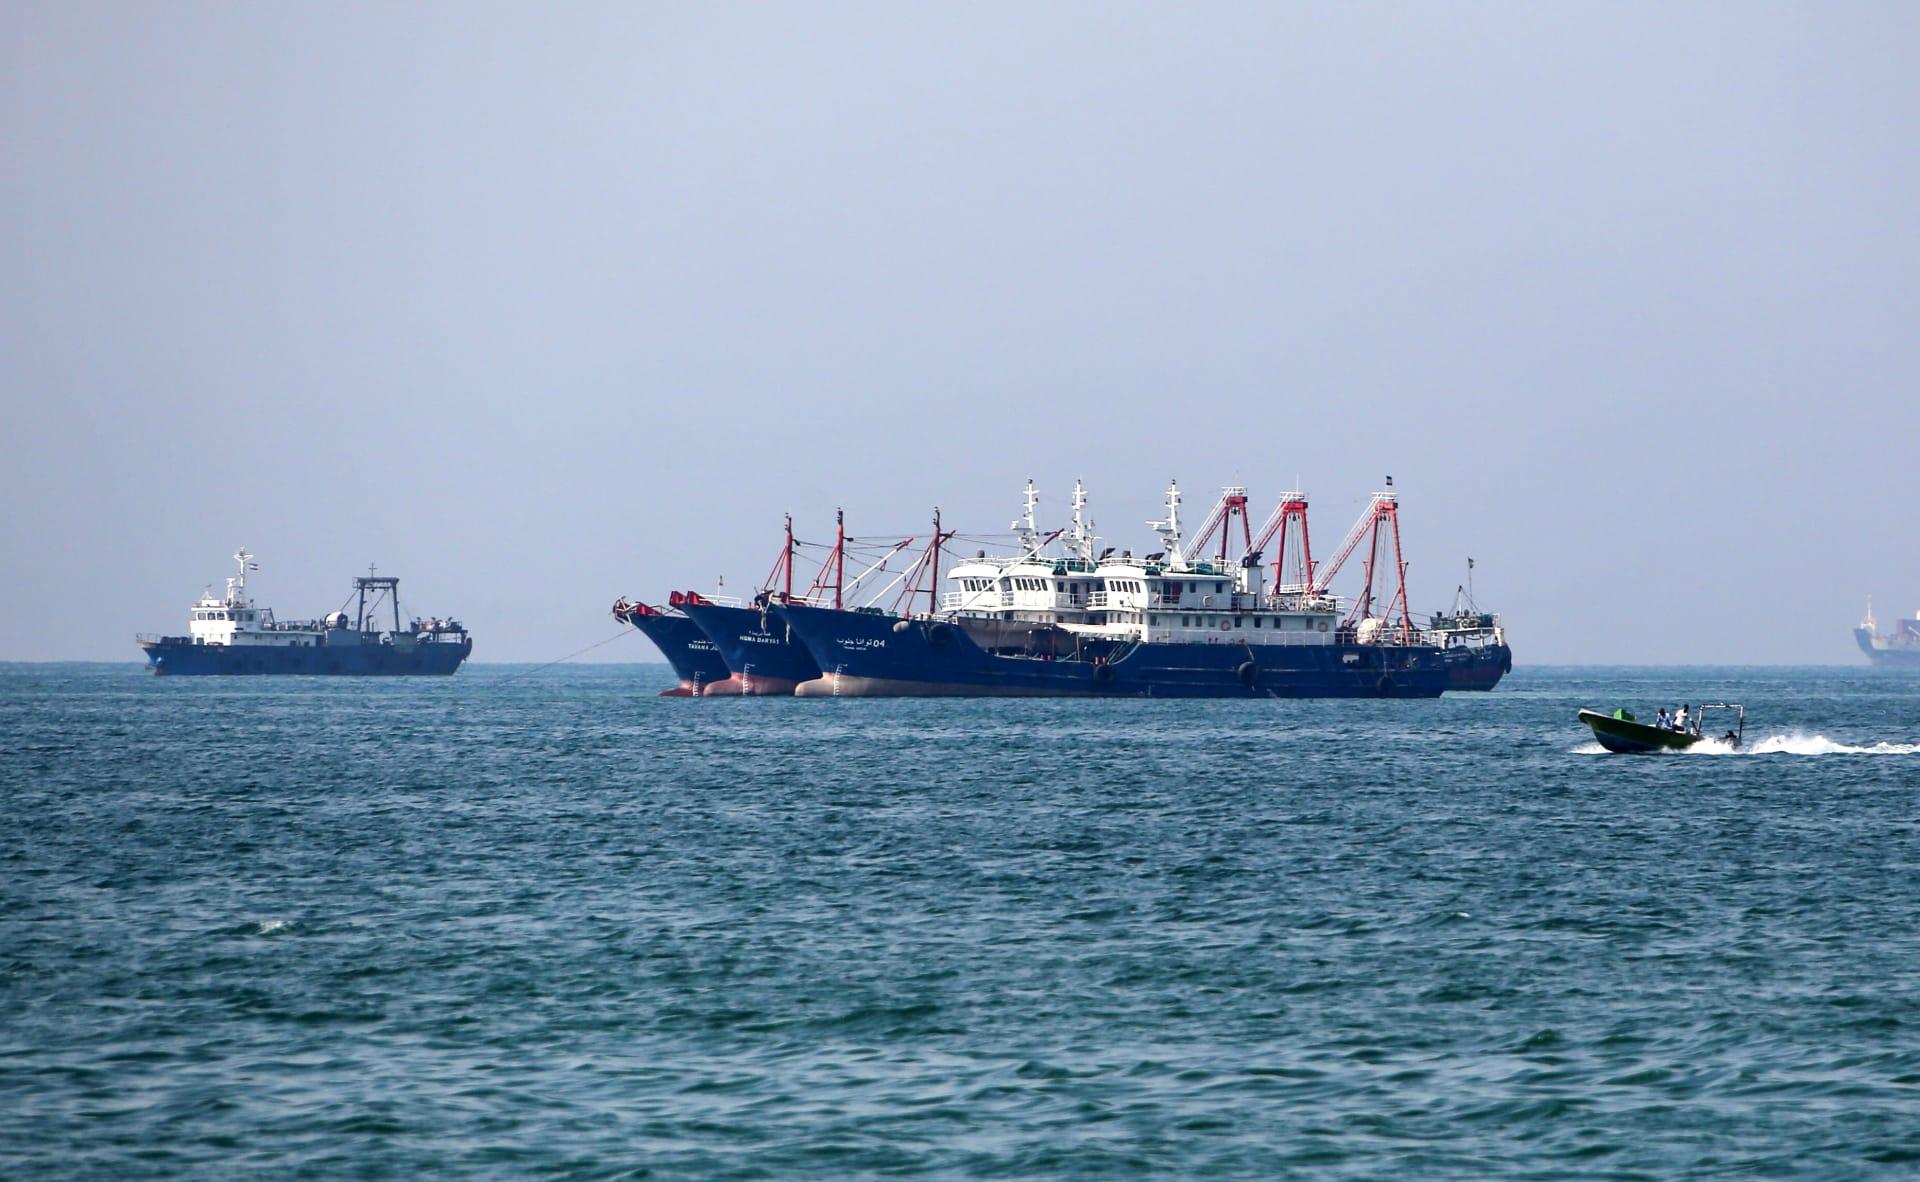 سفن تجارية تبحر من ميناء بندر عباس أكبر الموانئ الإيرانية على الخليج